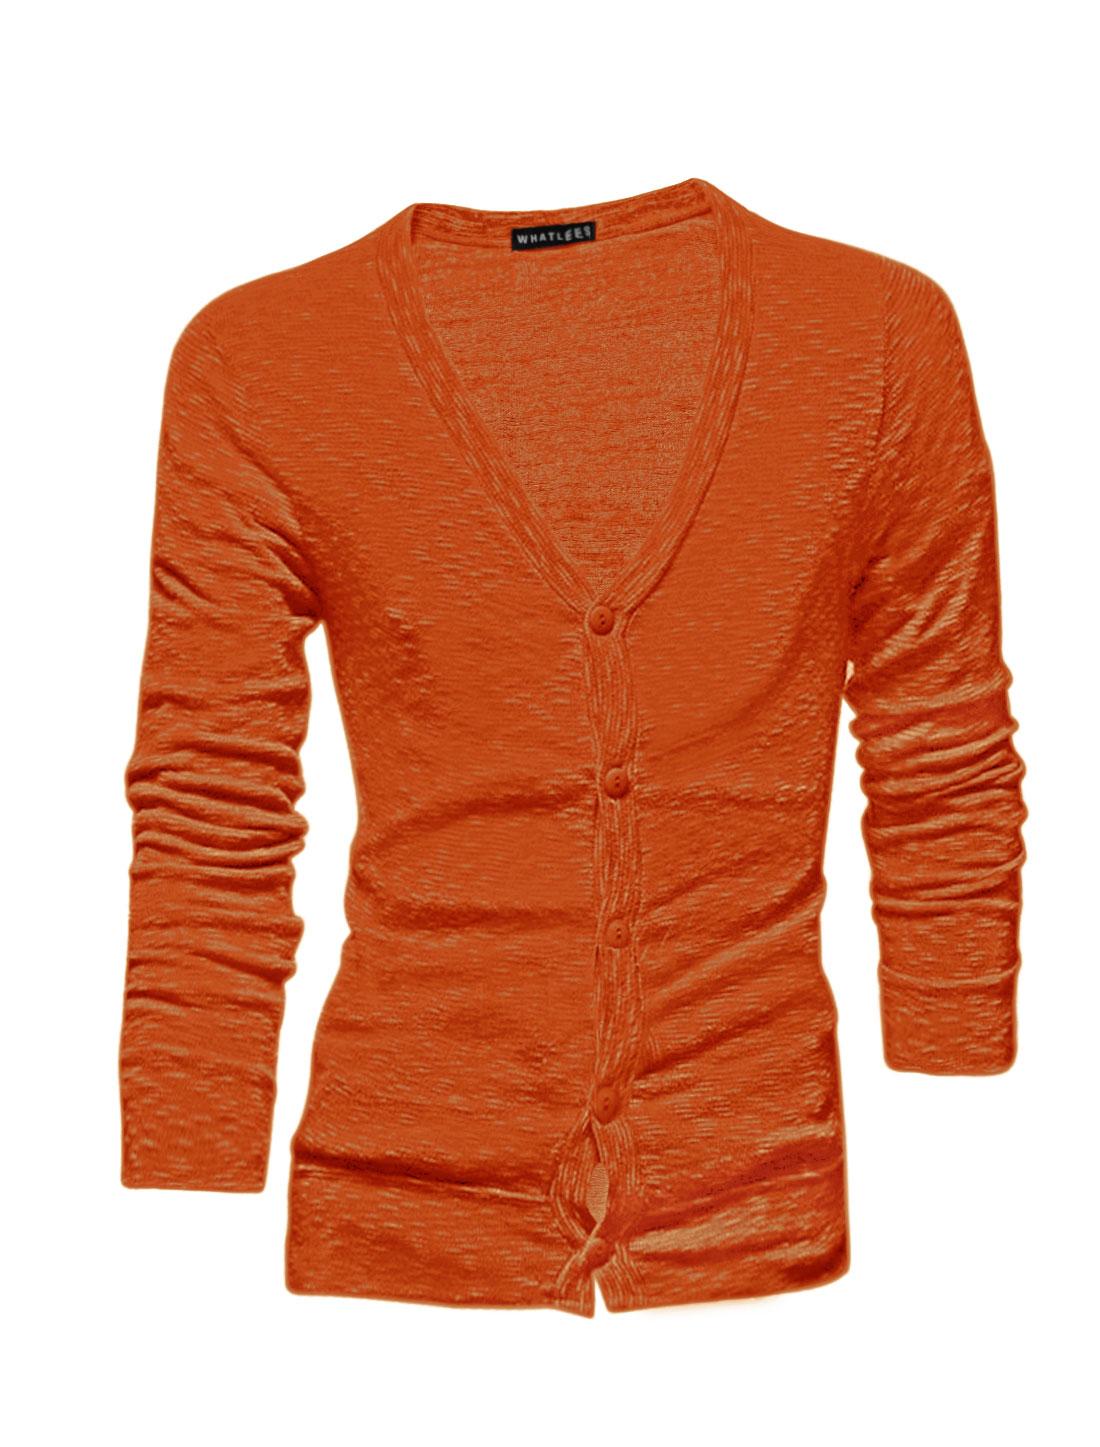 Men Long Sleeves Single Breasted Slim Fit Cardigan Orange M